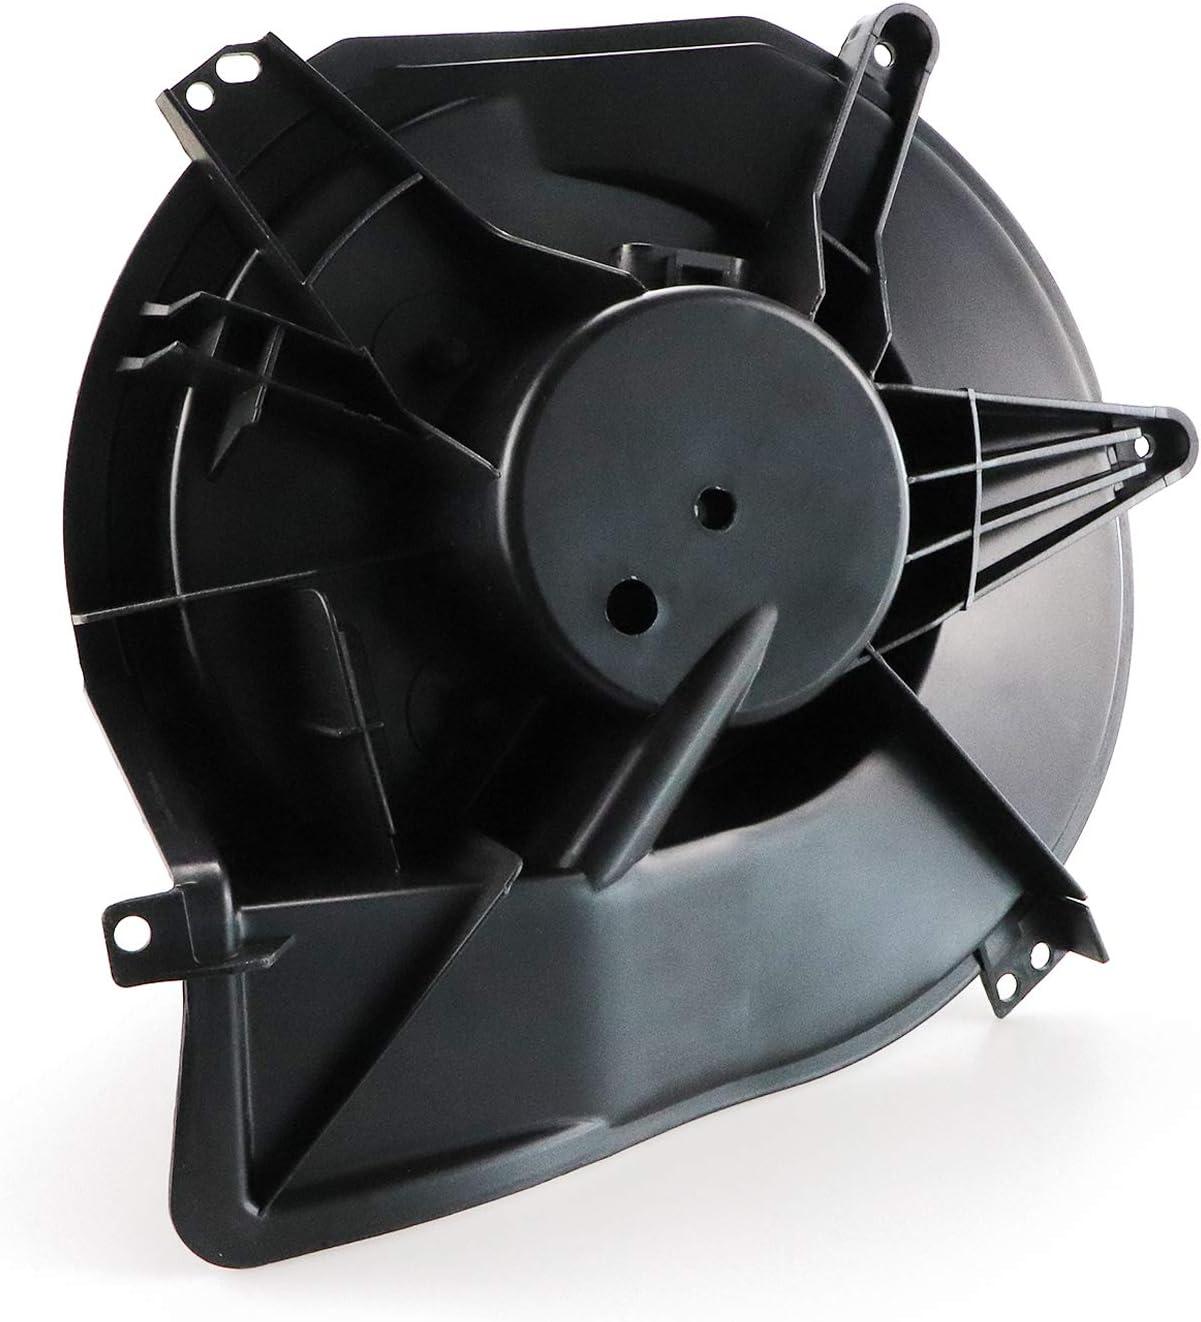 HVAC Blower Motor with Fan for Cadillac DeVille Seville Pontiac Bonneville Buick LeSabre Oldsmobile Aurora Replaces 700098 52495490